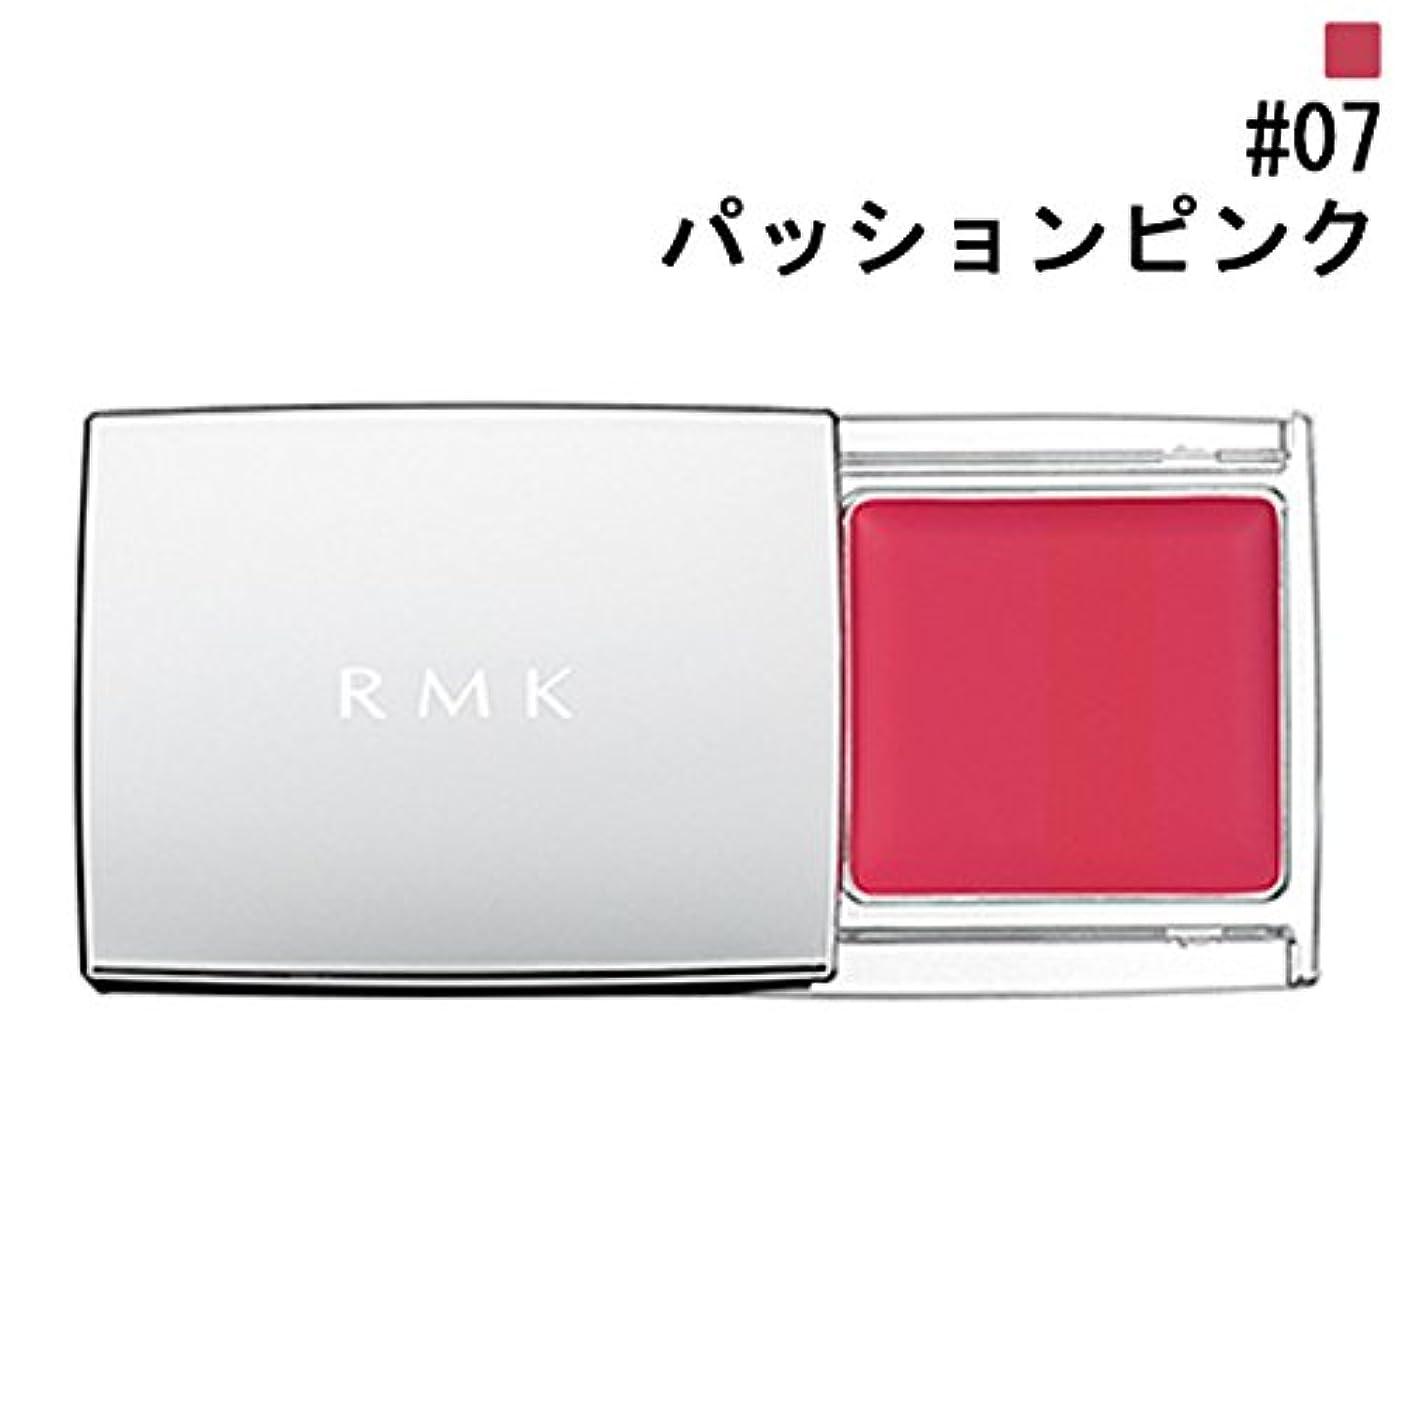 銃マイルドチャレンジ【RMK (ルミコ)】RMK マルチペイントカラーズ #07 パッションピンク 1.5g